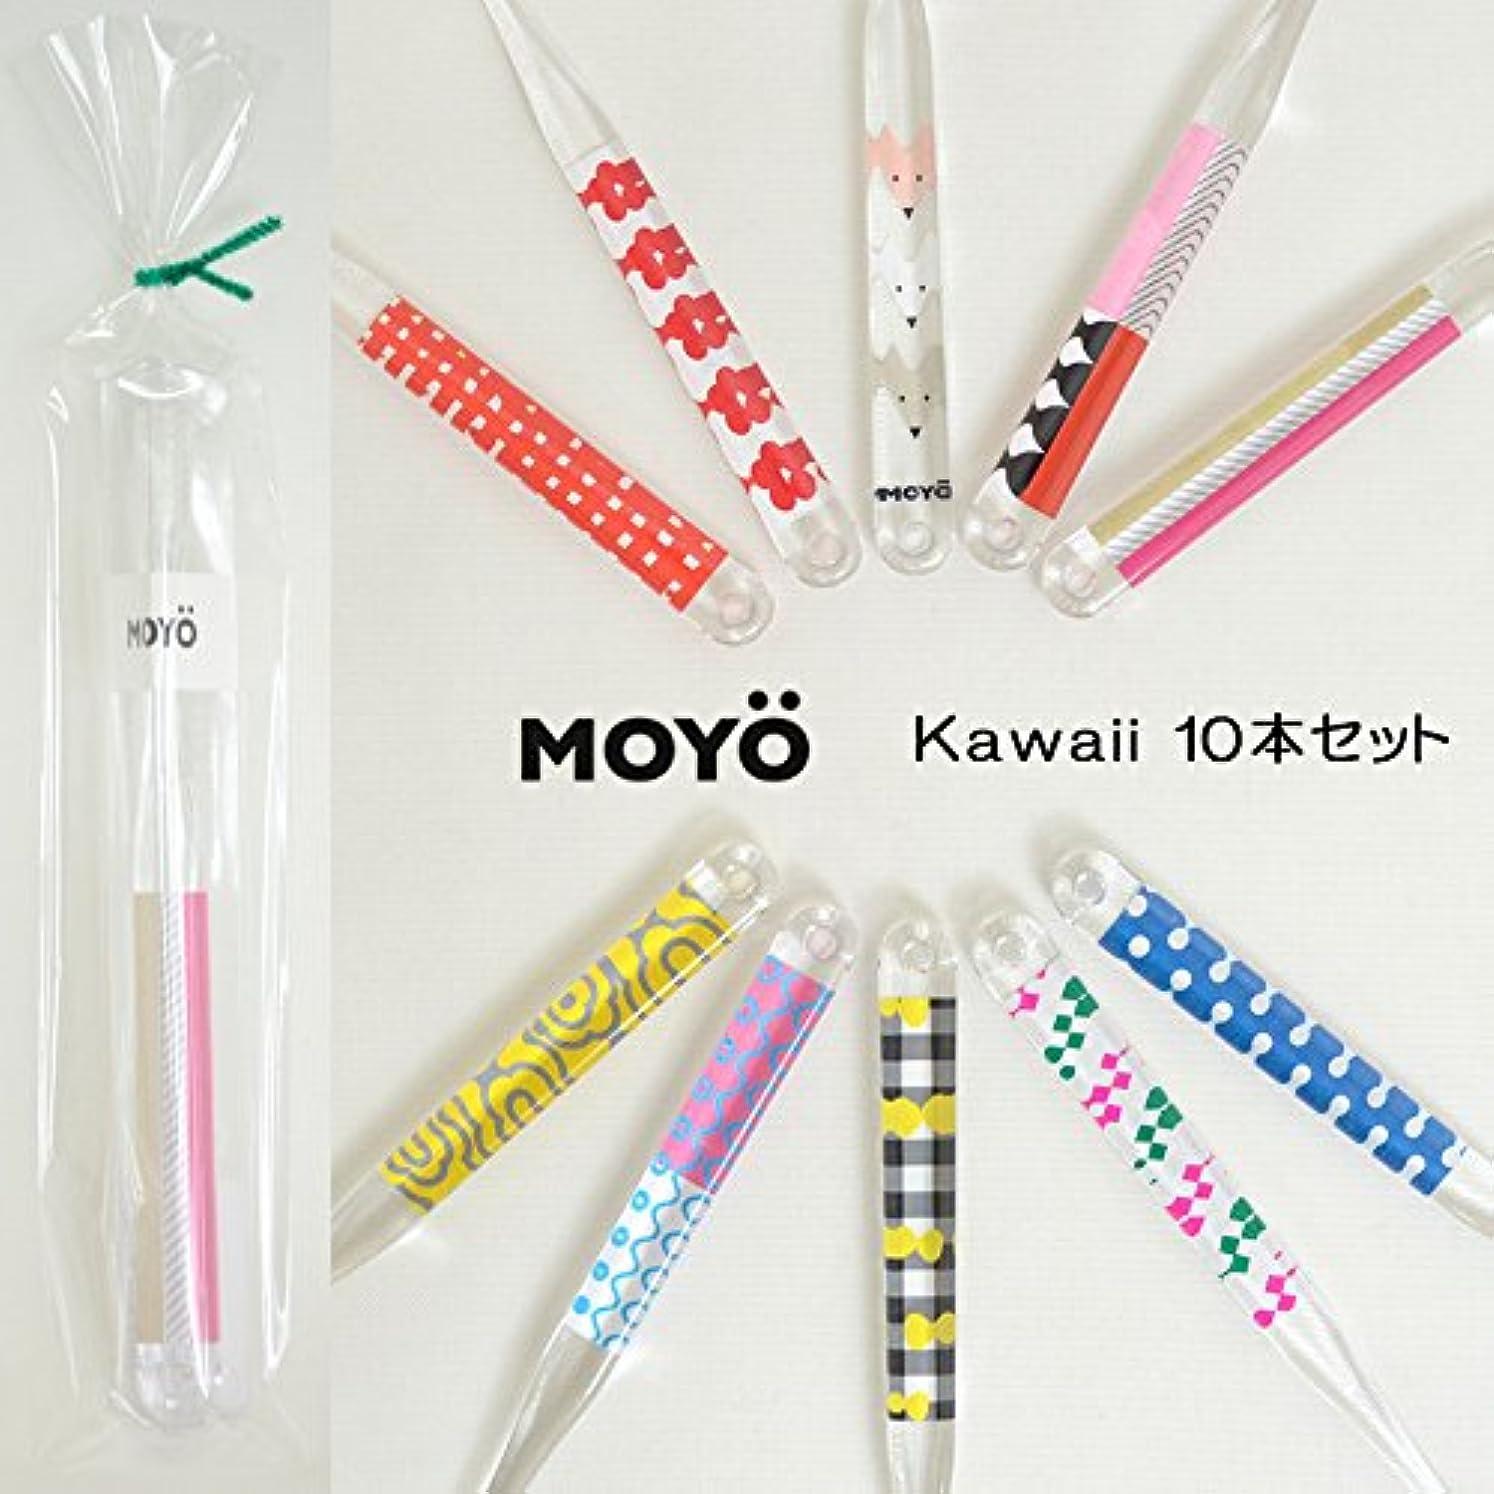 クランシーびっくり対抗MOYO モヨウ kawaii10本 プチ ギフト セット_562302-kawaii2 【F】,kawaii10本セット